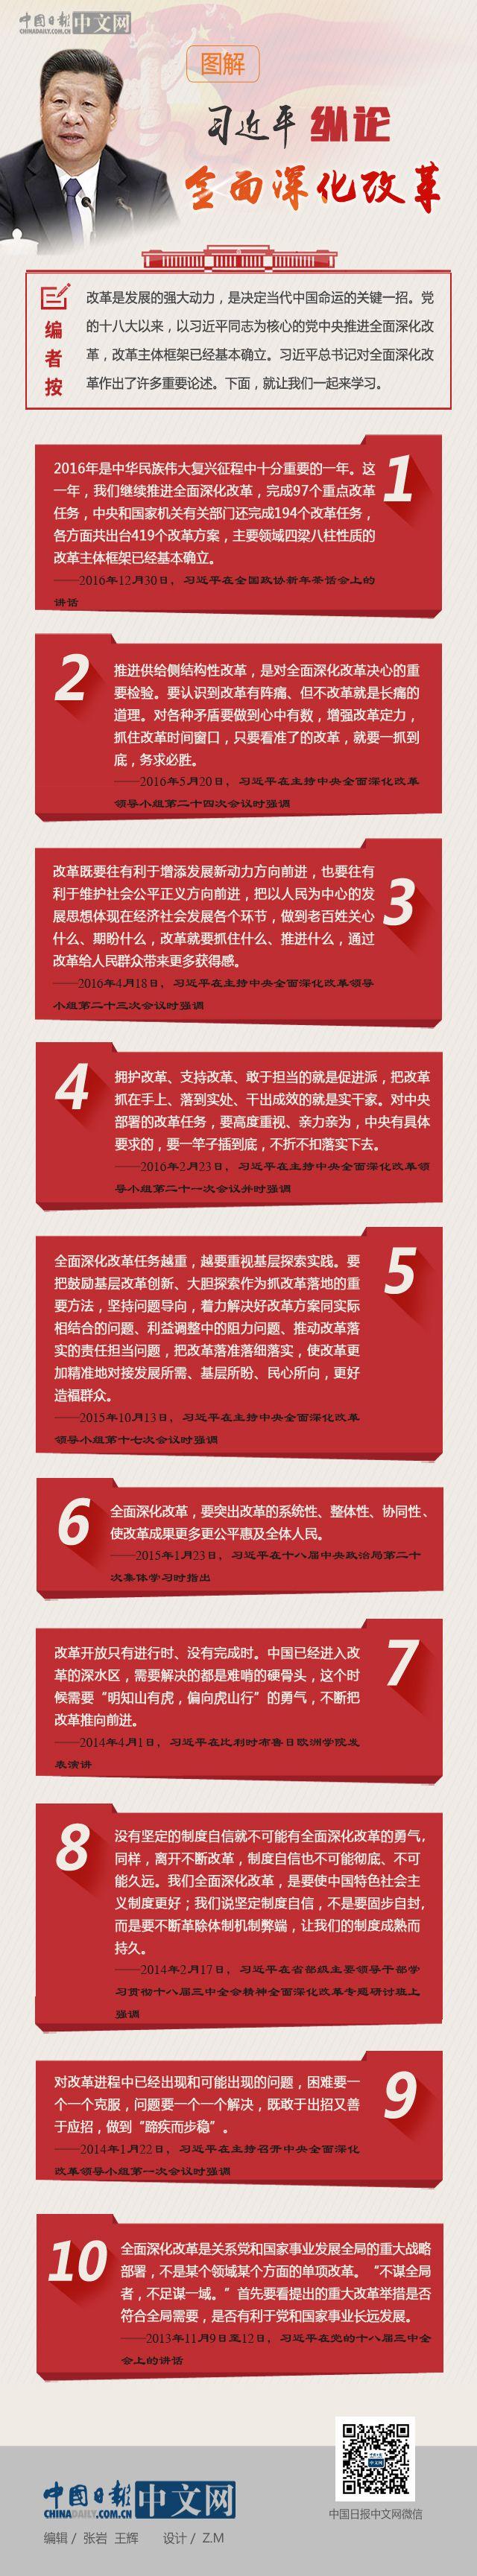 图解:习近平纵论全面深化改革